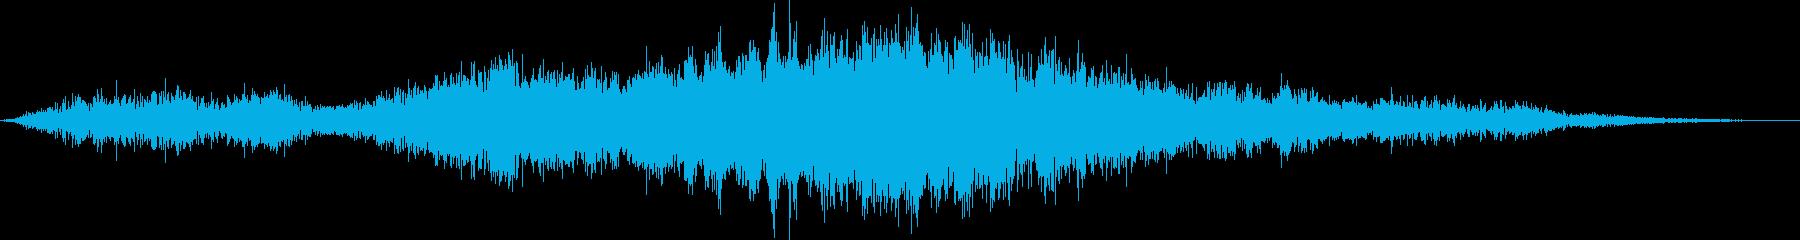 【環境音】飛行機の離陸07の再生済みの波形